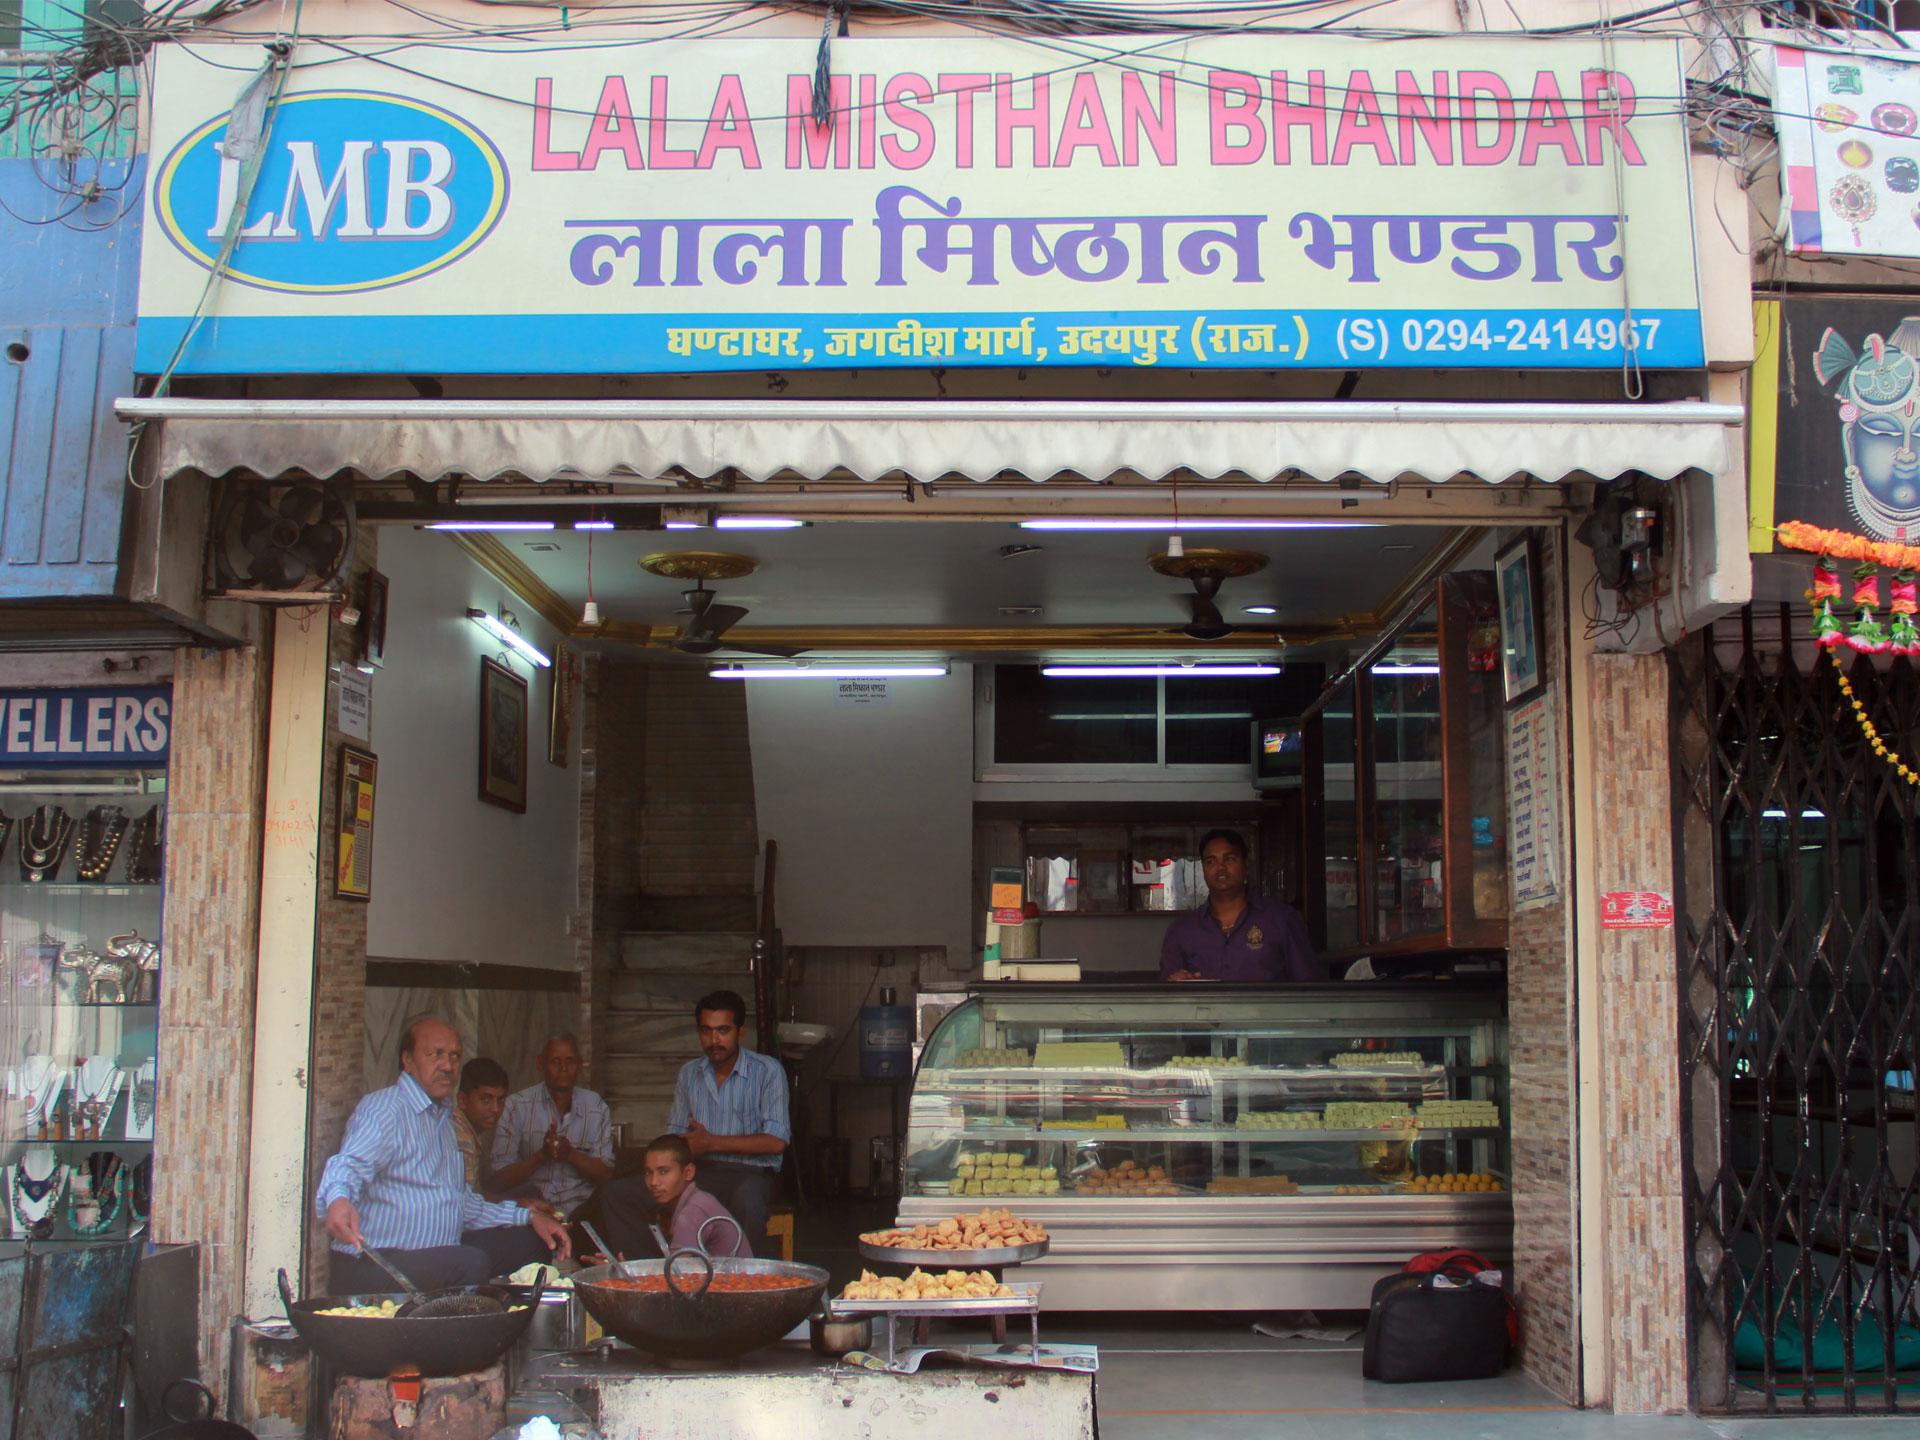 Shri lala mishtan